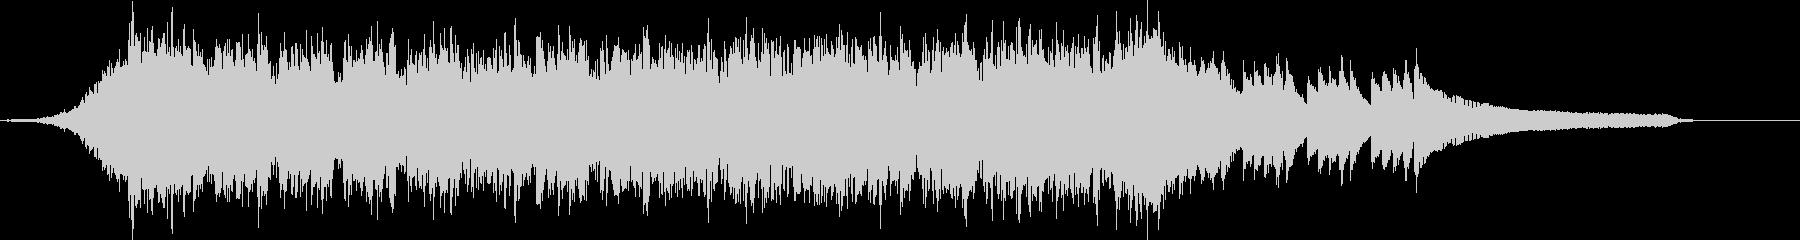 企業VP映像、111オーケストラ、爽快cの未再生の波形